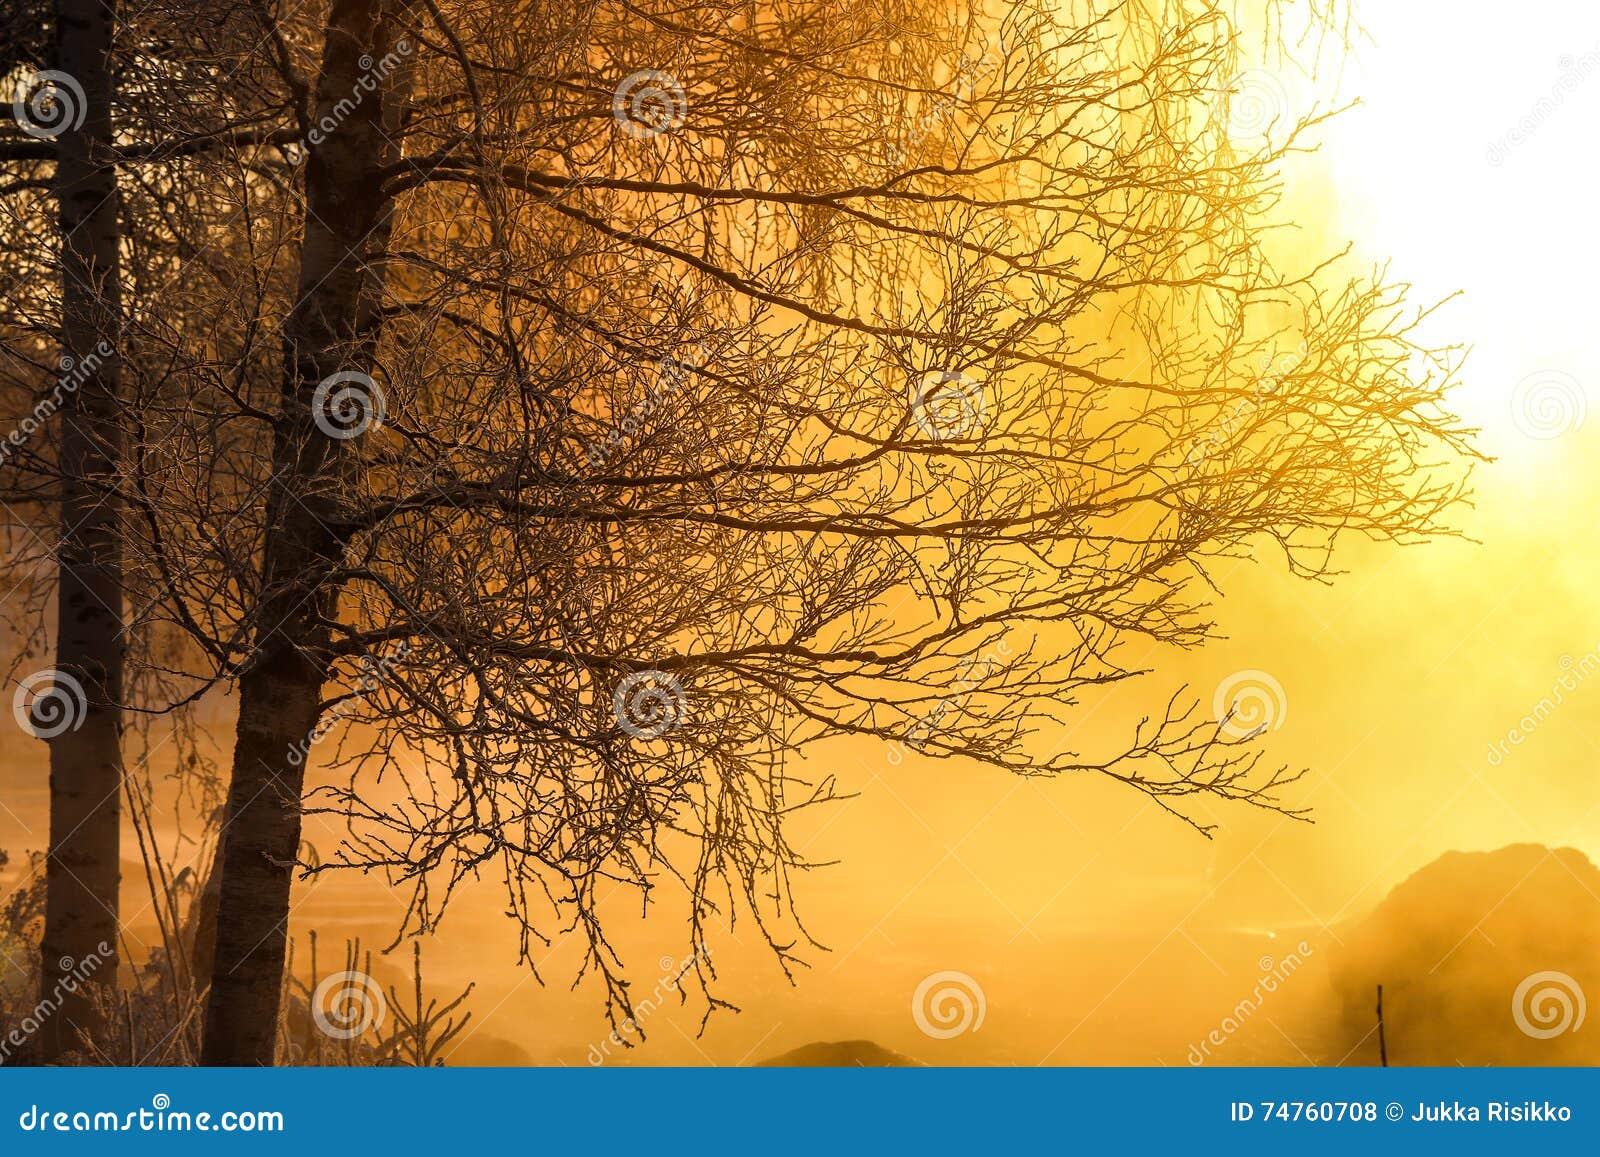 Boomtakken in mooi zonlicht